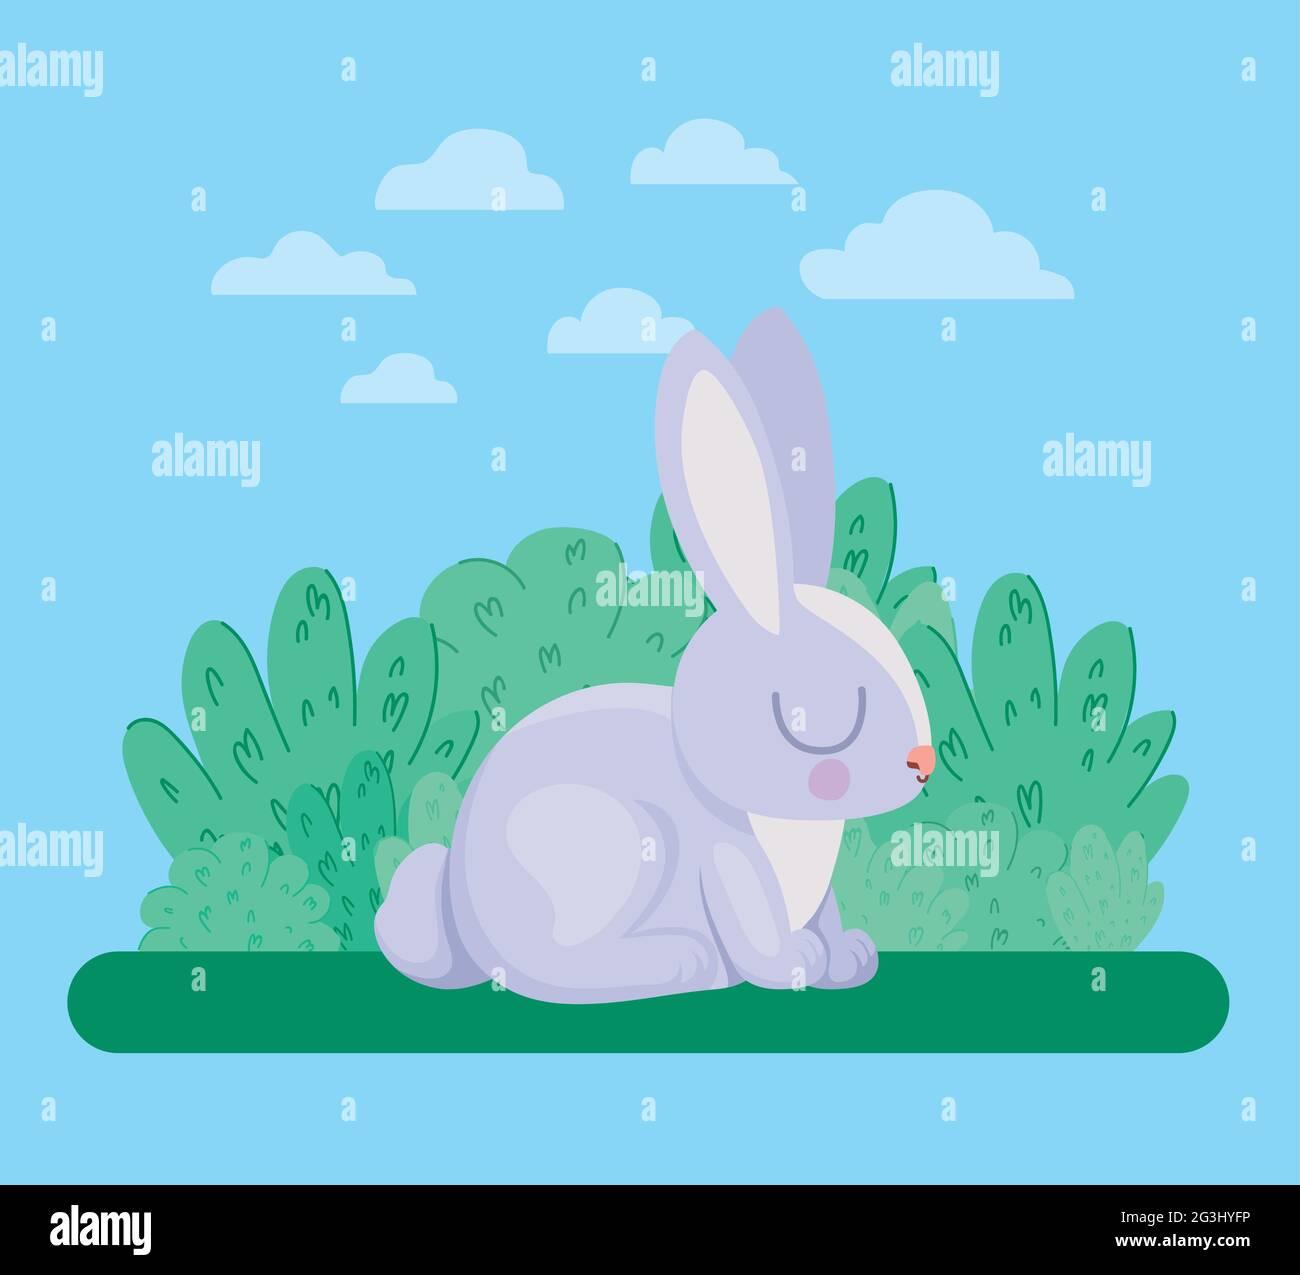 jolie illustration de lapin Illustration de Vecteur